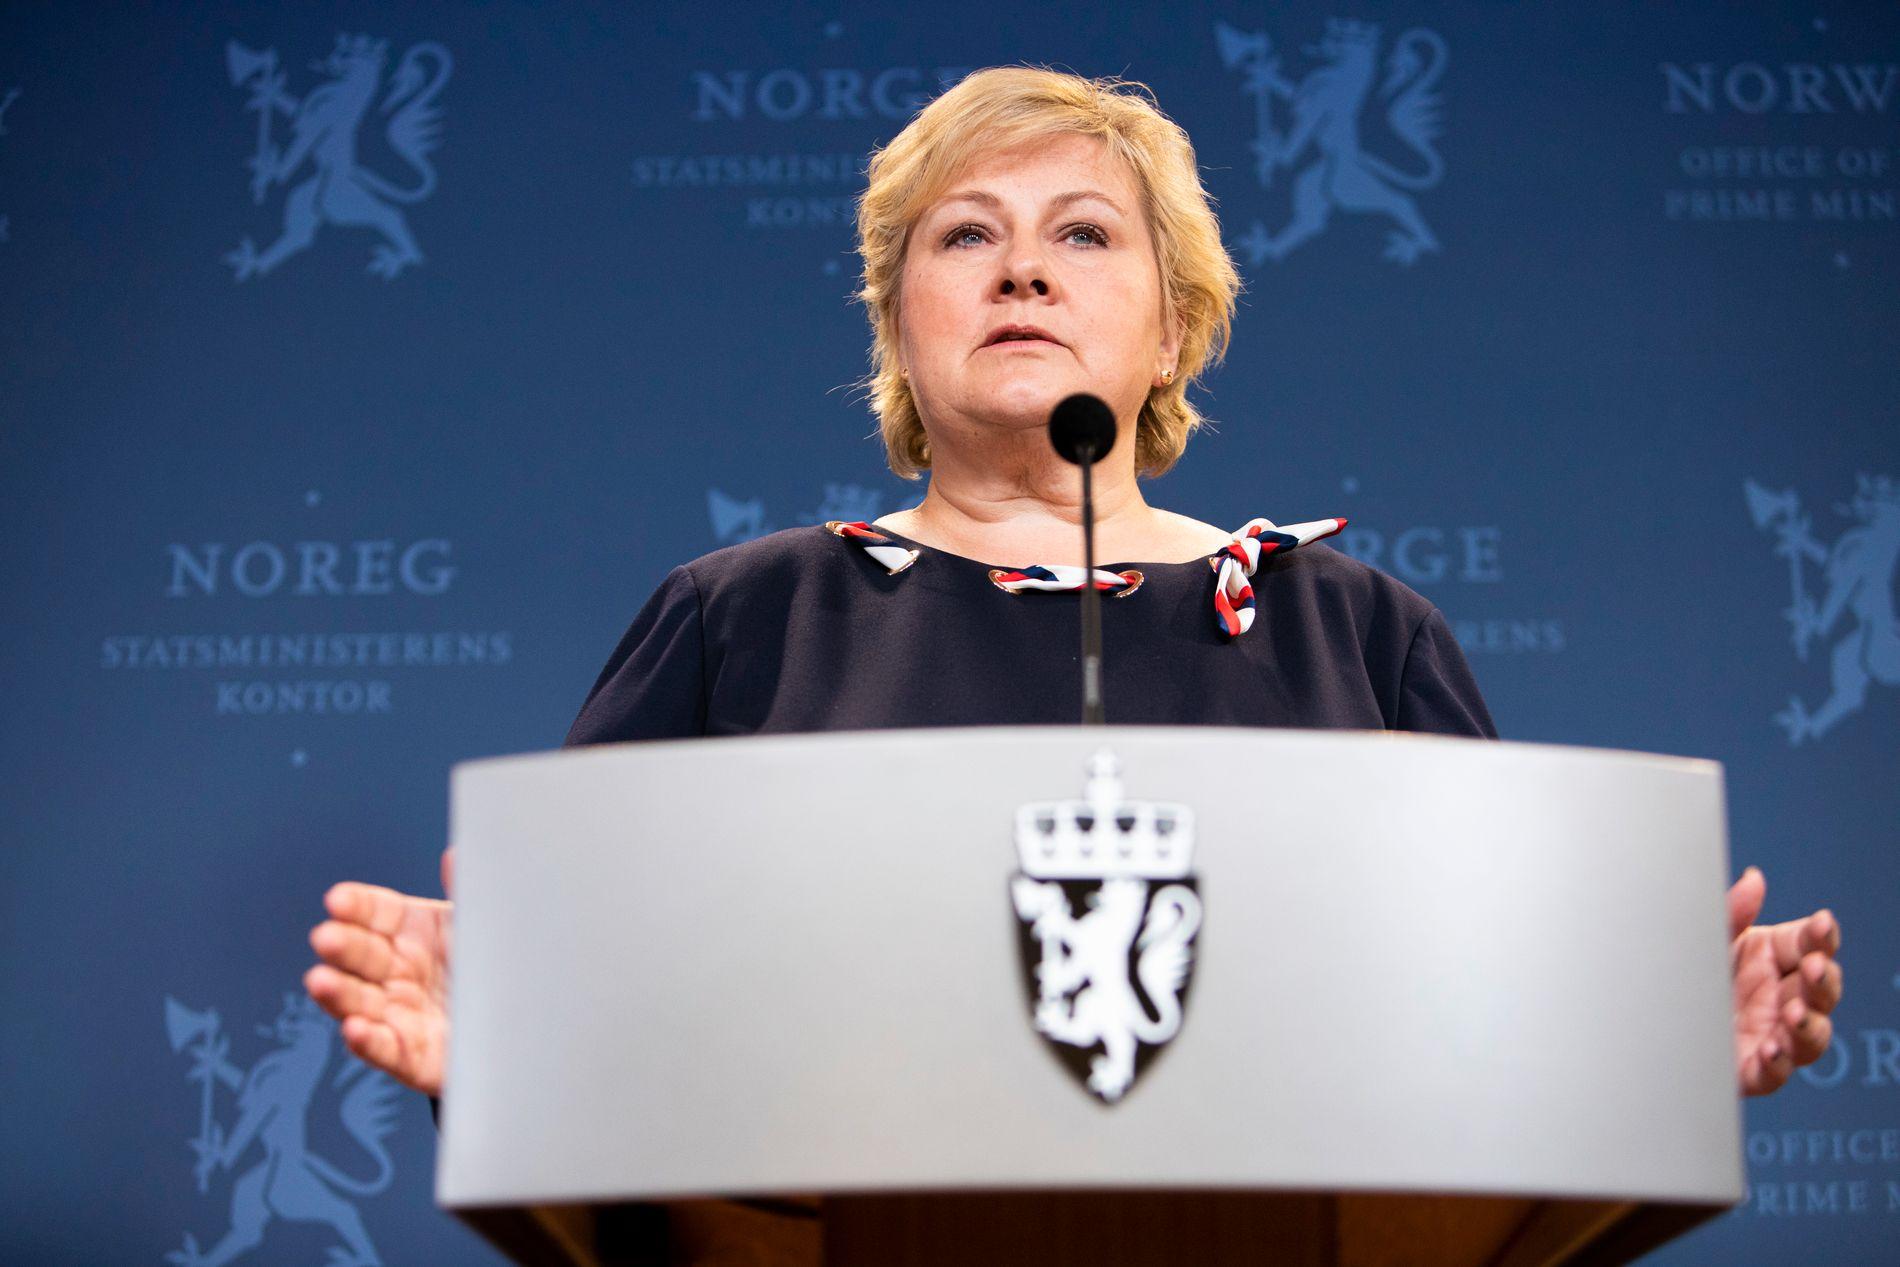 VARSLER: Statsminister Erna Solberg (H) varsler samtaler med de tre øvrige regjeringspartiene om bompengesaken.